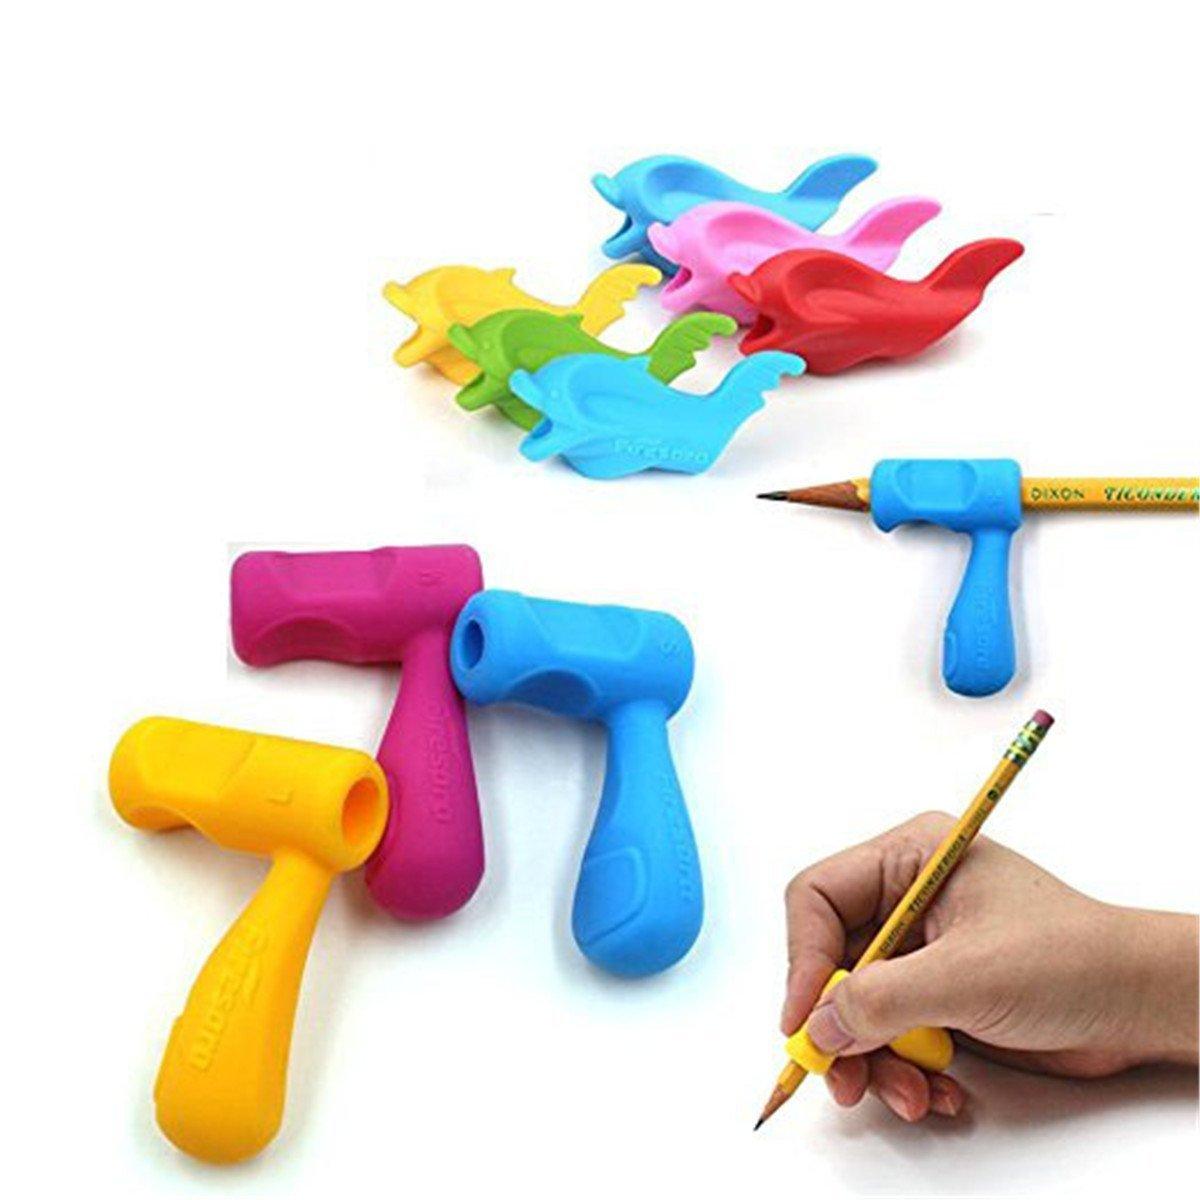 Pencil Grips wommty 12/l/ápices de empu/ñaduras de silicona ergon/ómico y pinza para ayuda delf/ín y mango estilo l/ápices formaci/ón Grip soporte para guarder/ía ni/ños estudiantes adultos diestros los